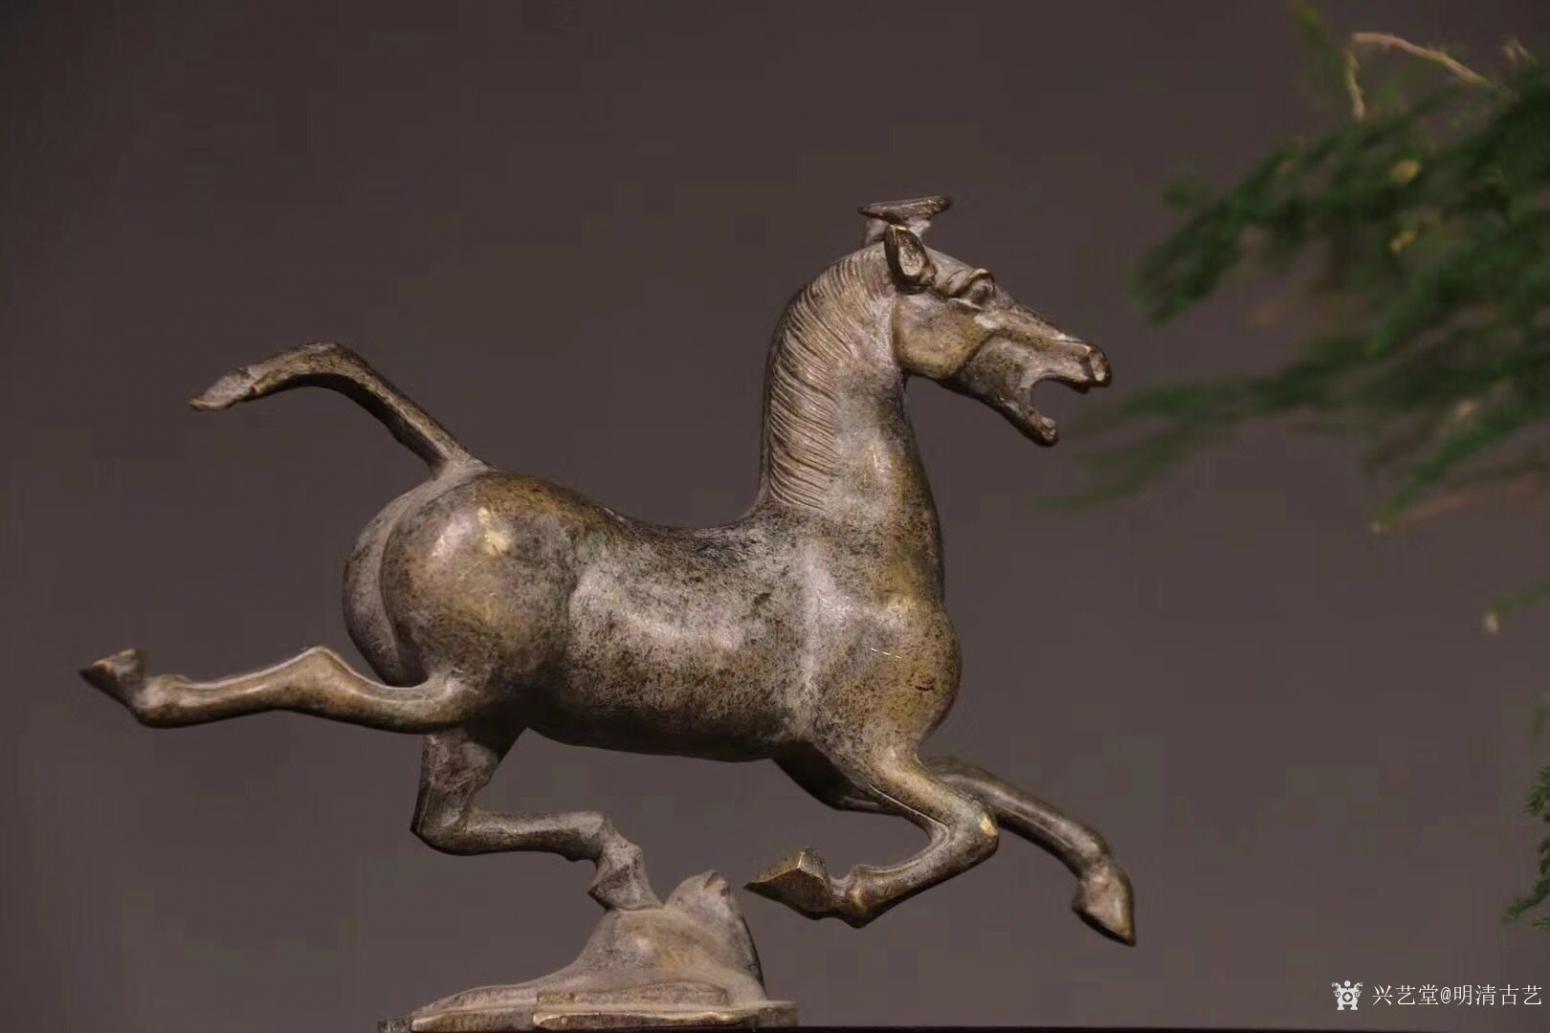 明清古艺雕刻作品《马踏飞燕.铜》【图2】